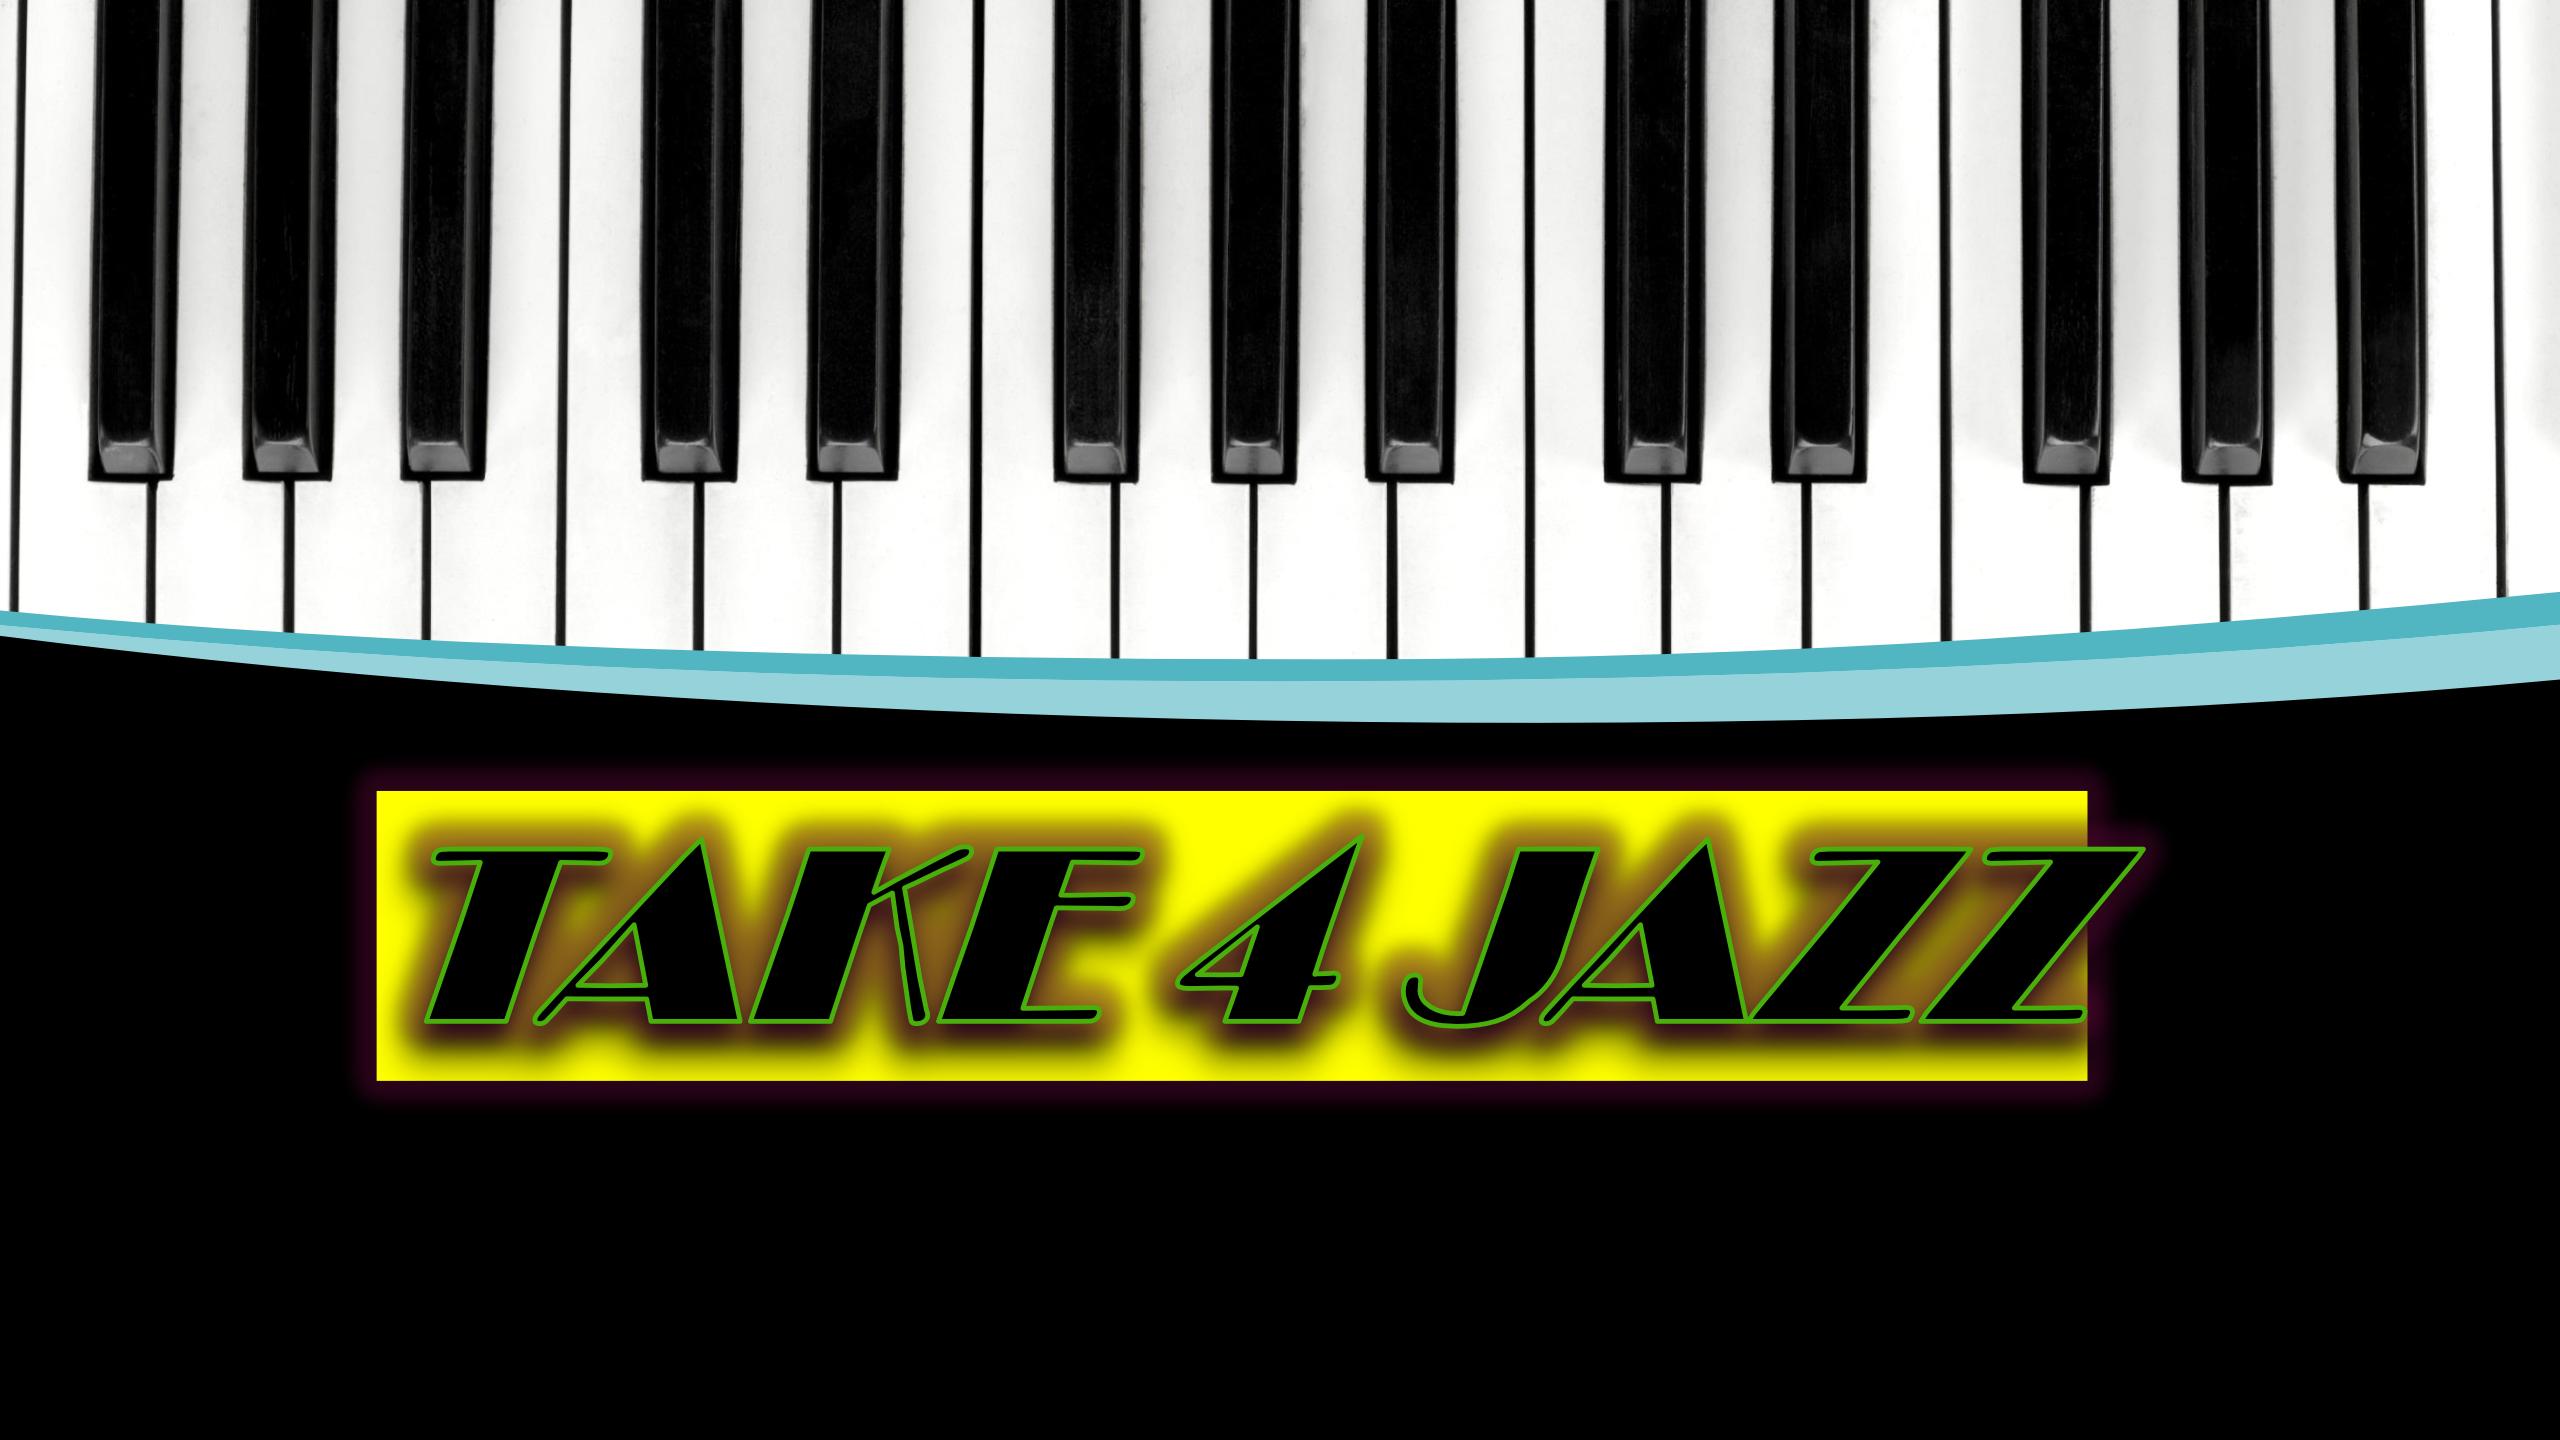 Performance musicale de Take 4 Jazz à La Sortie aide les victimes d'exploitation sexuelle